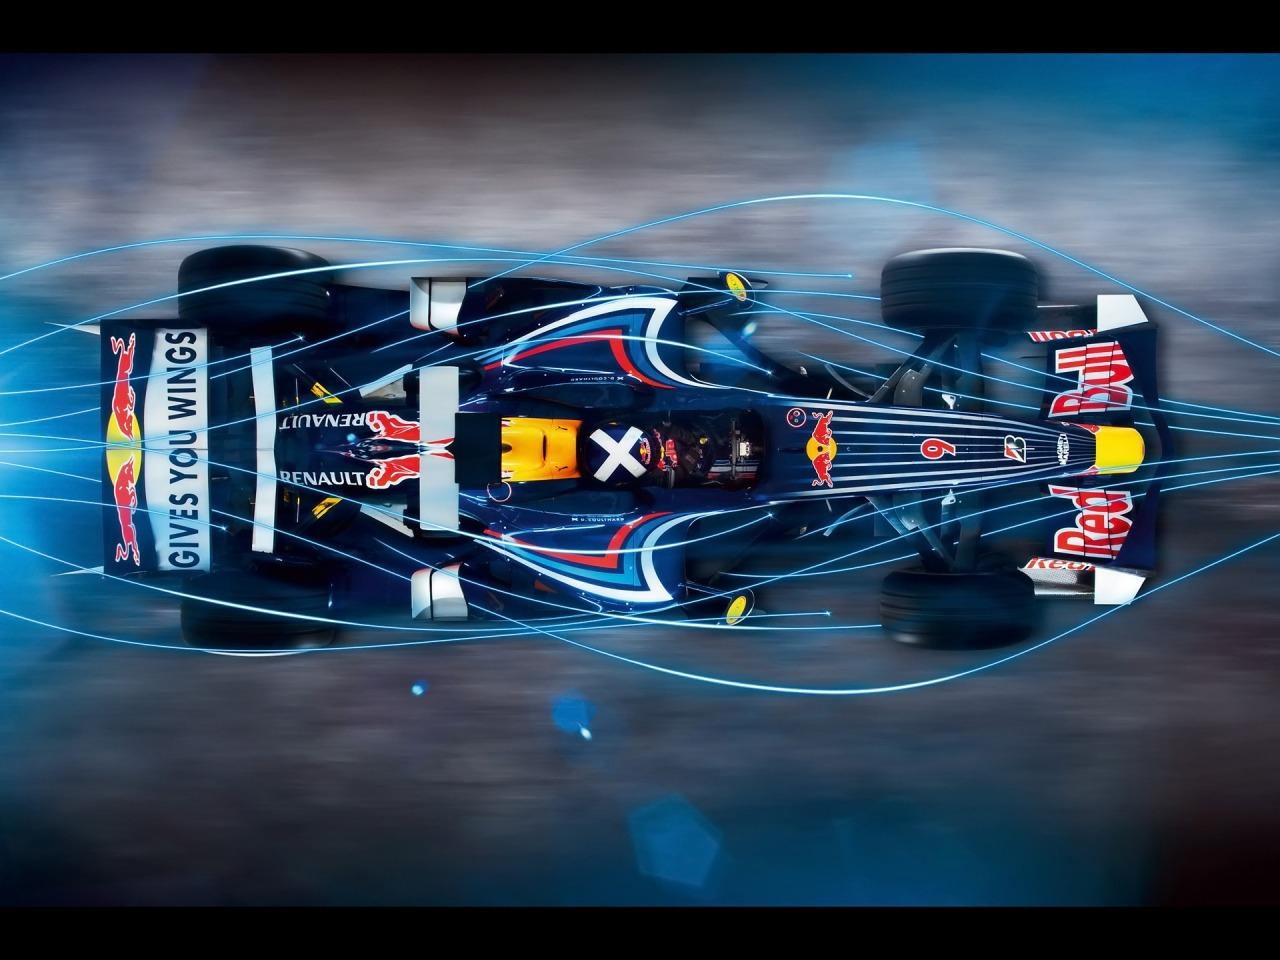 FunMozar Red Bull Formula 1 Wallpapers 1280x960